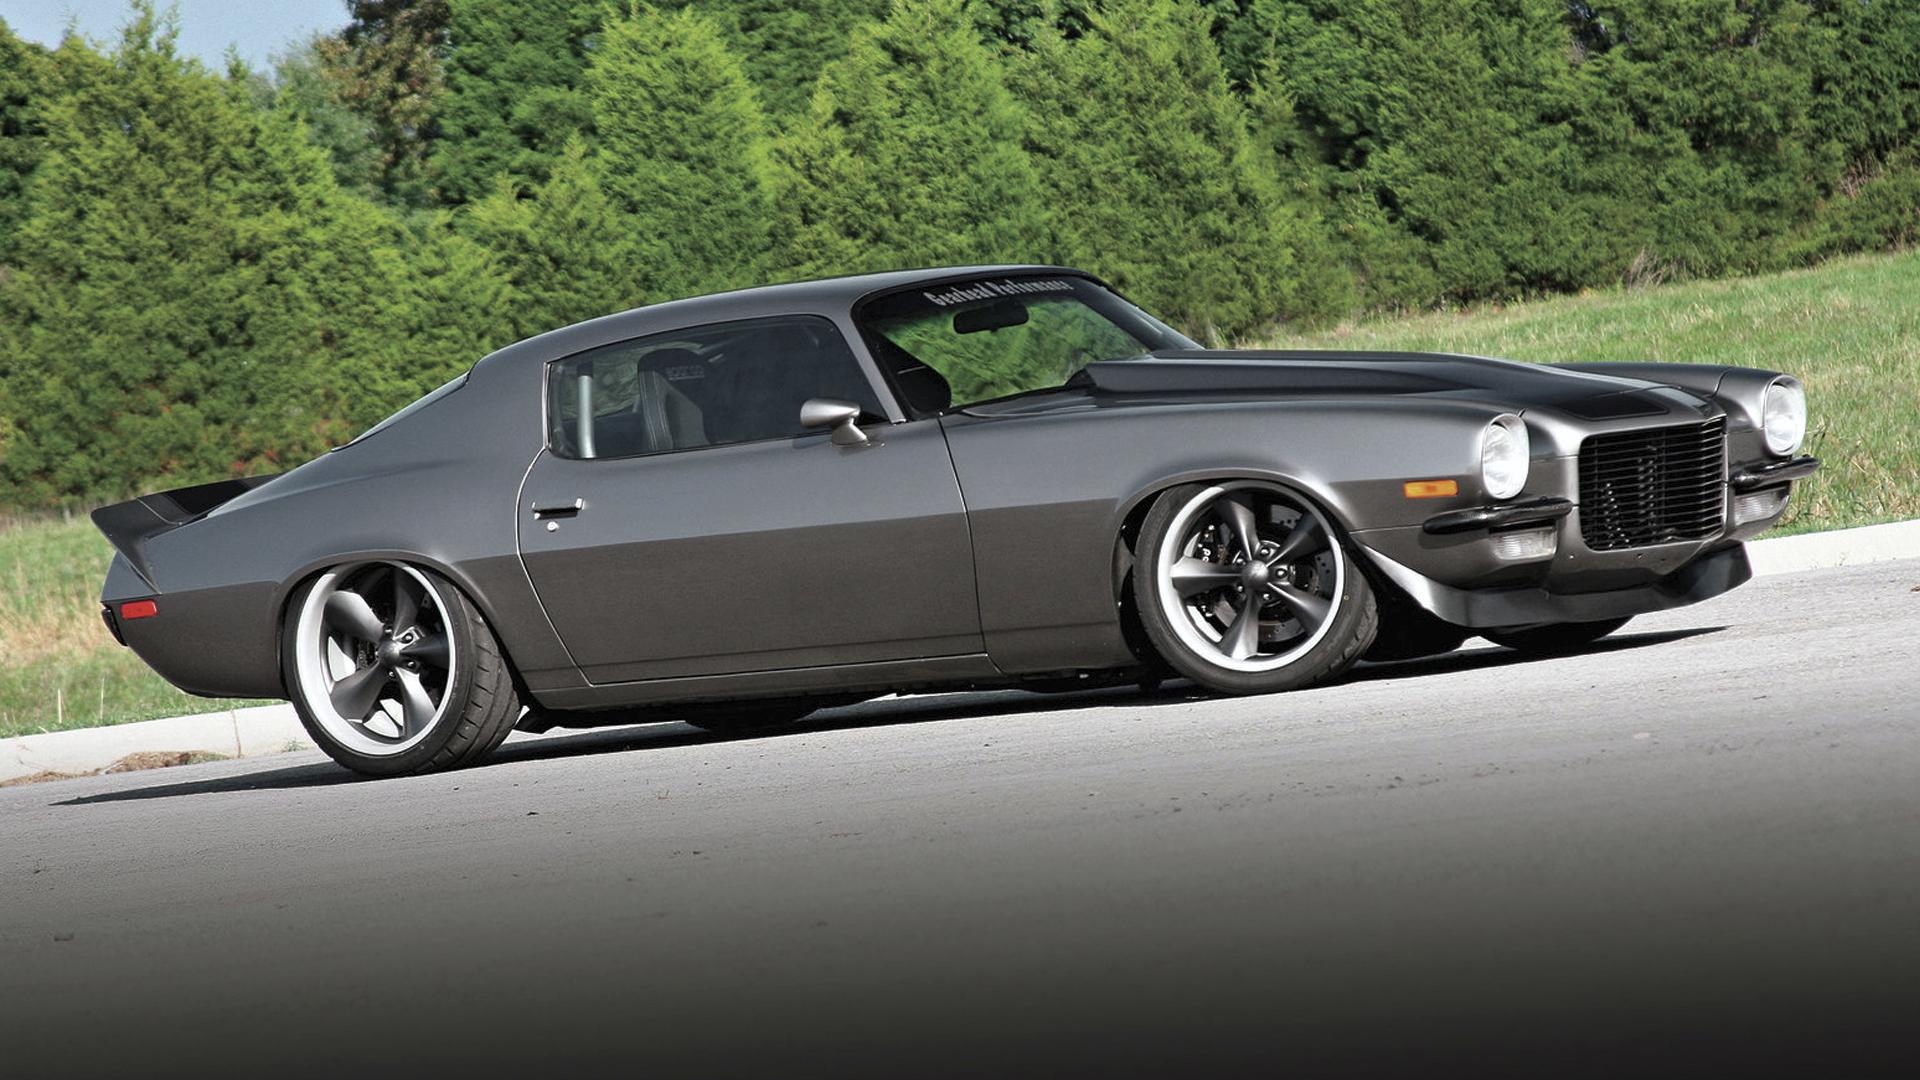 Car | Chevrolet Camaro on Boyd Coddington Junkyard Dog Wheels ...